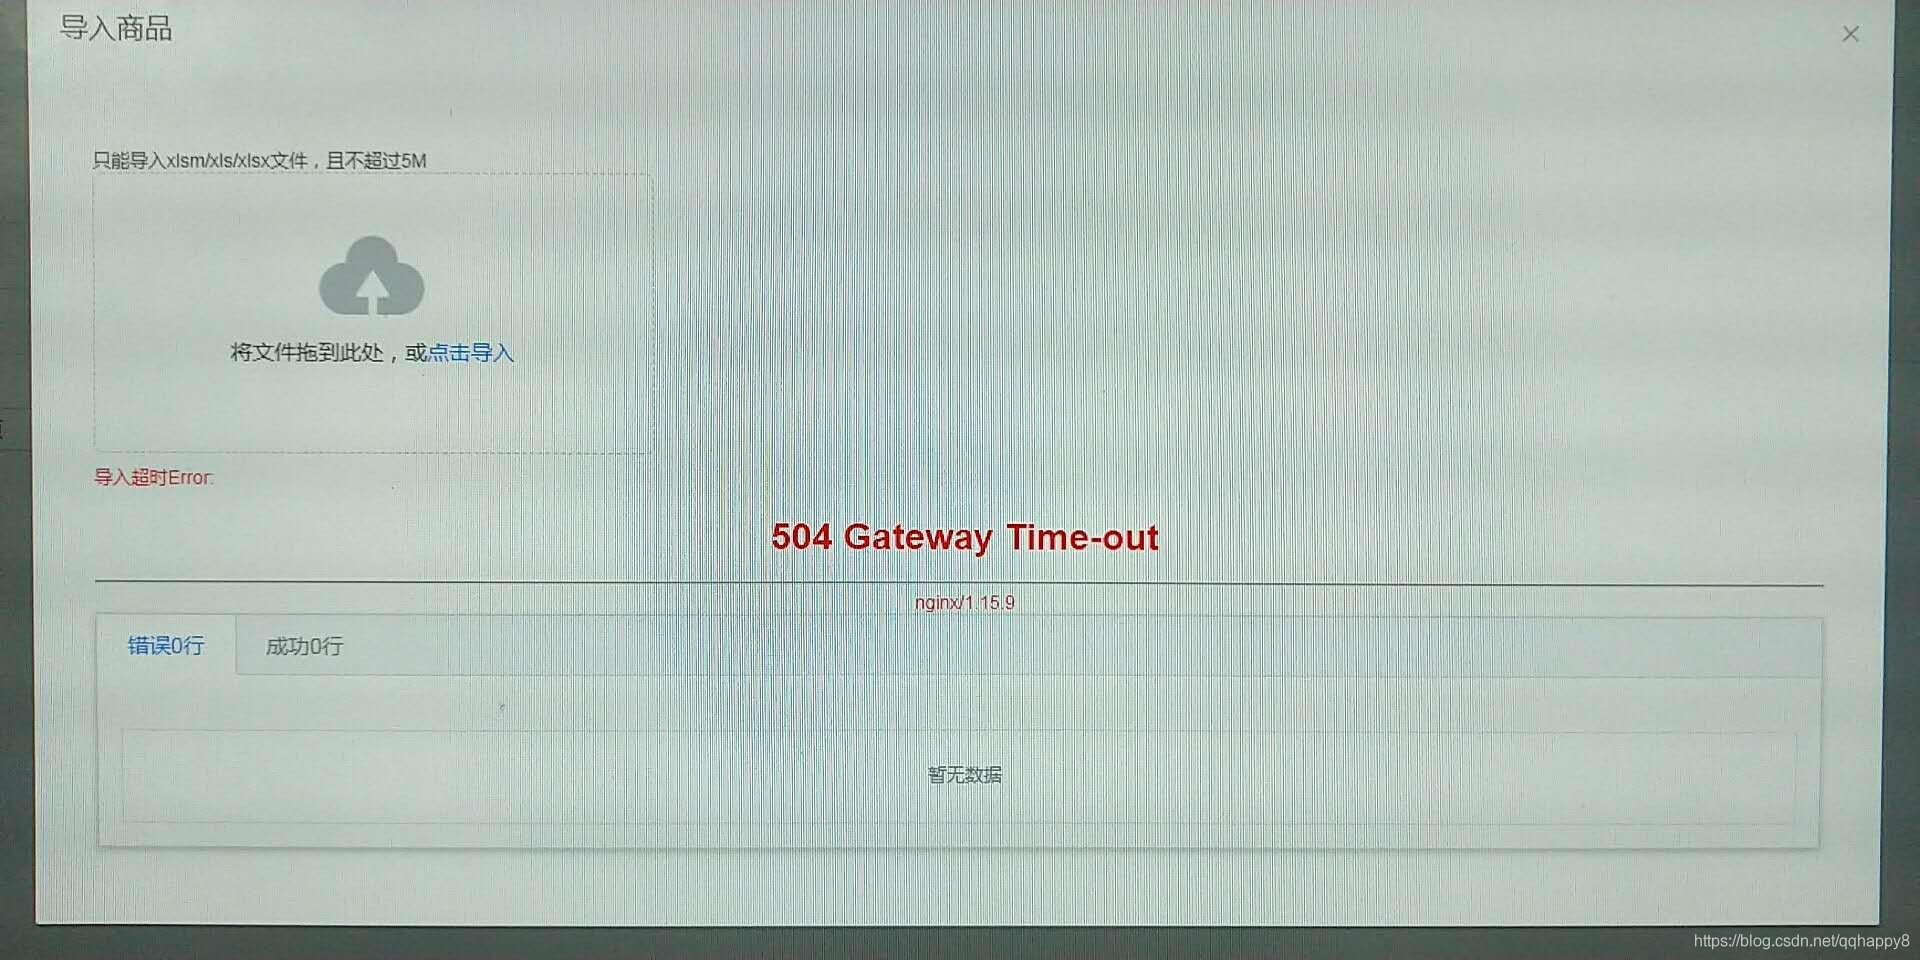 ingress-nginx-controller 504 gateway time-out 问题